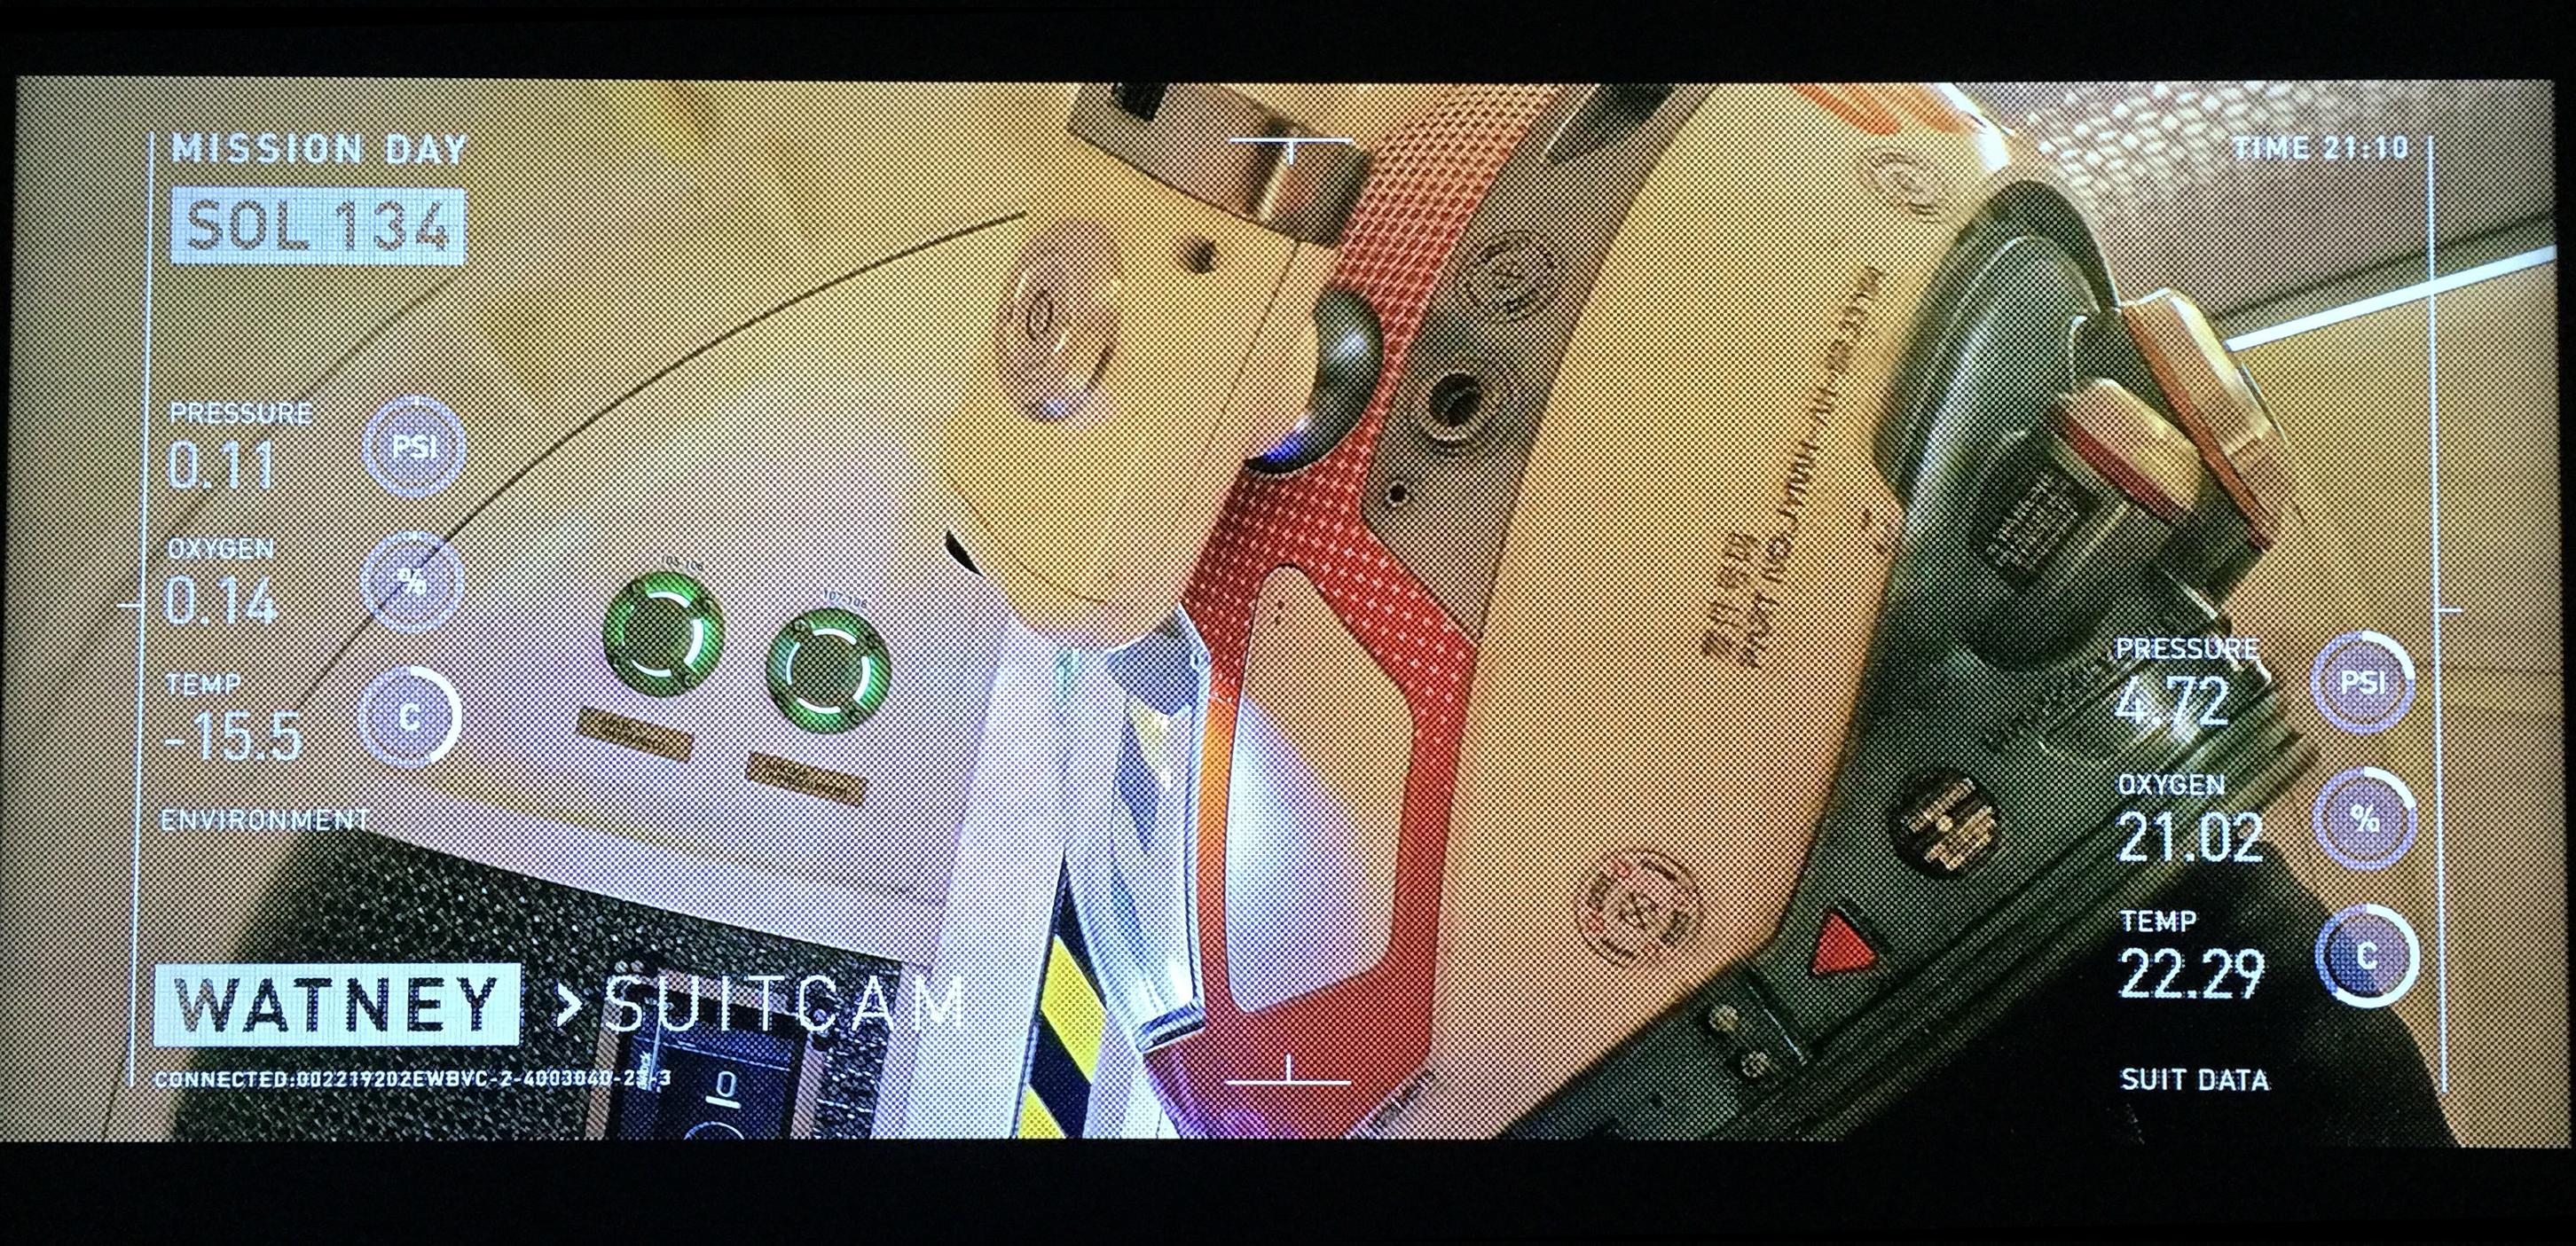 The Martian 4K 4